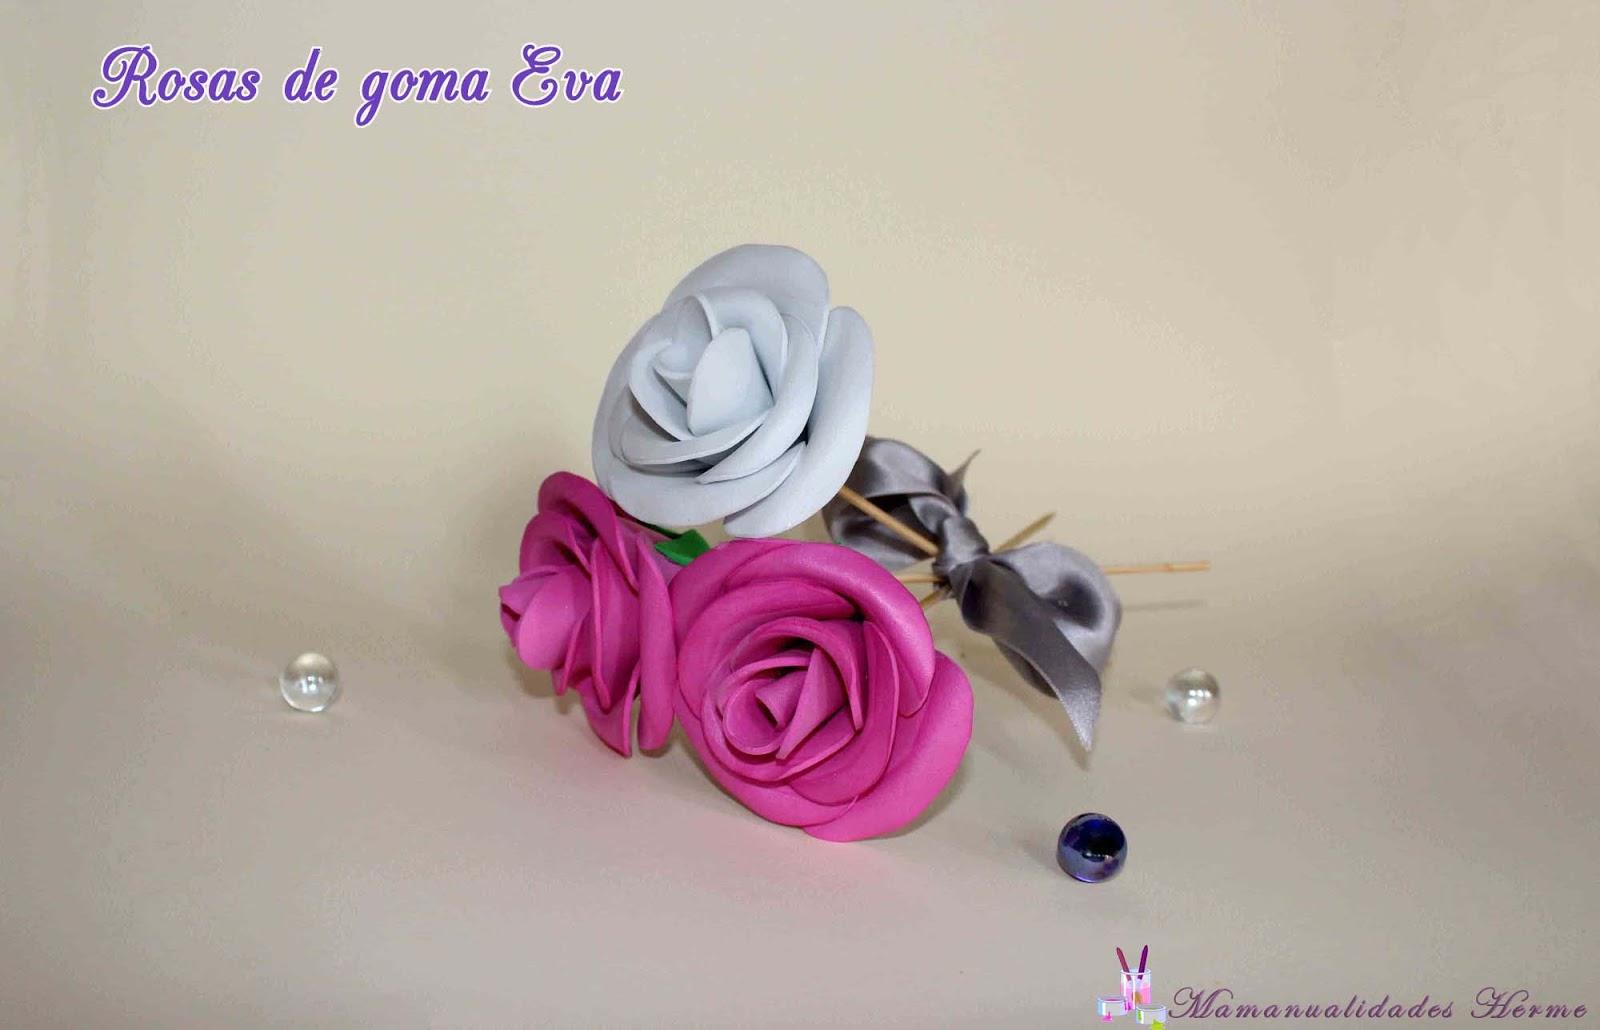 Manualidades herme como hacer rosas de goma eva for Materiales para goma eva